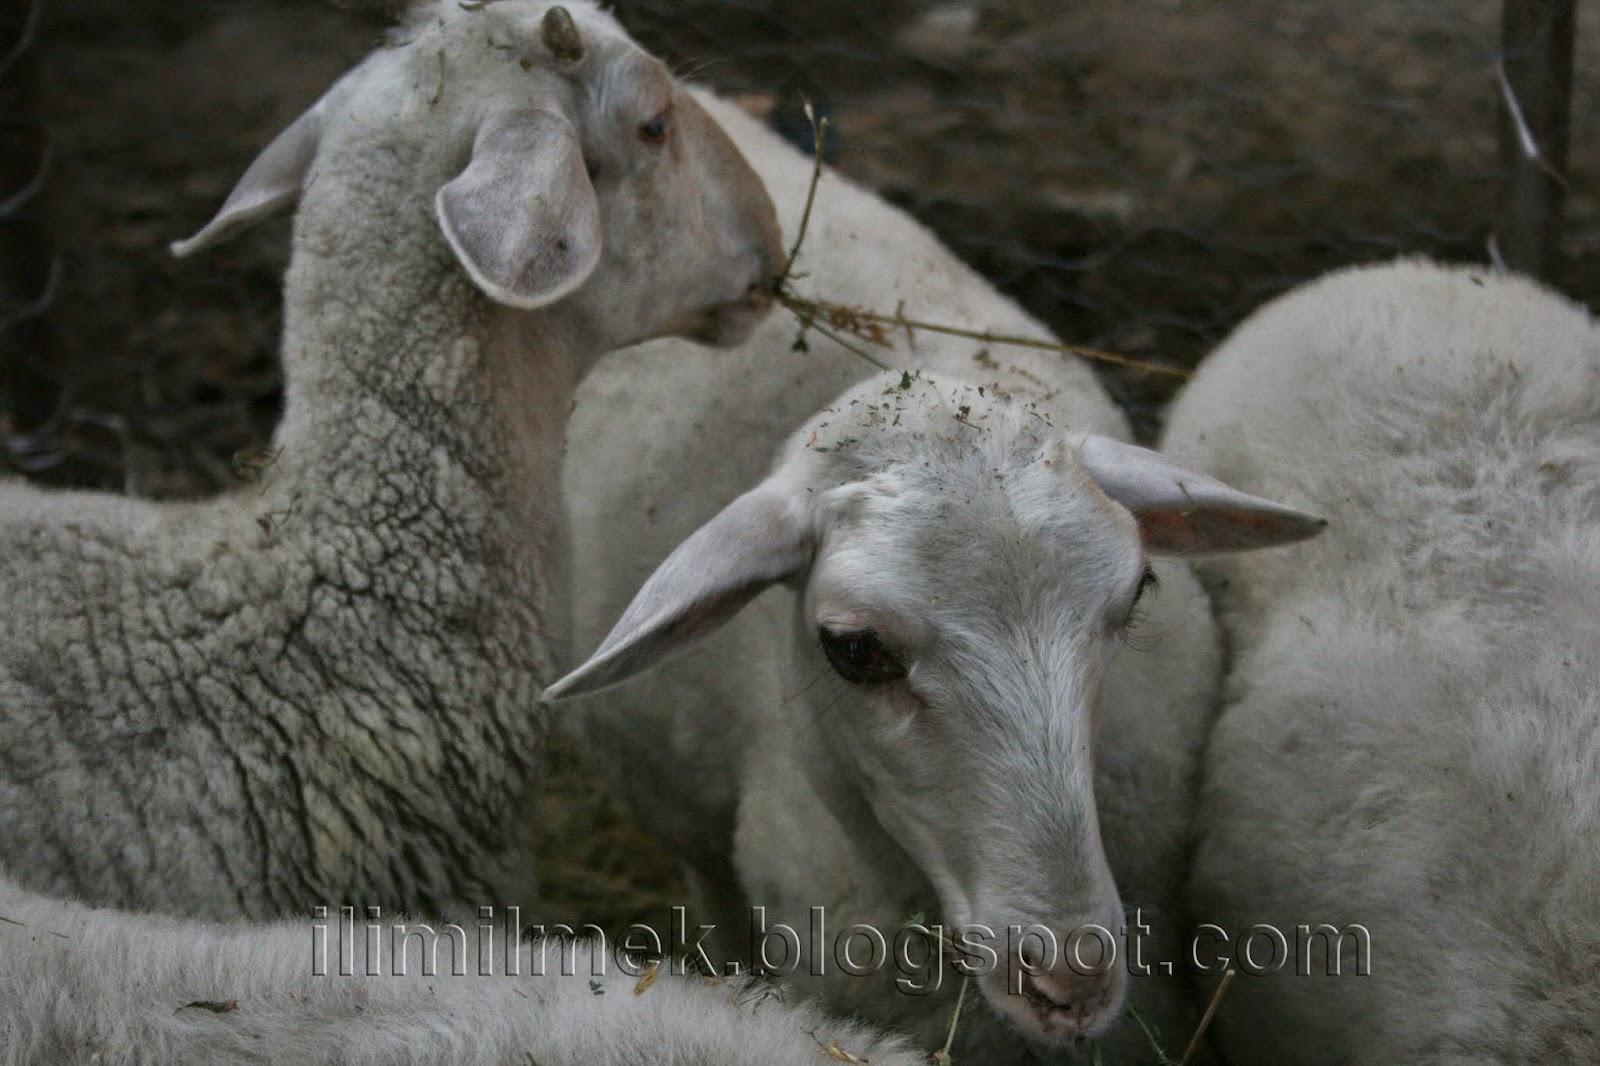 türkiyedeki koyunlar